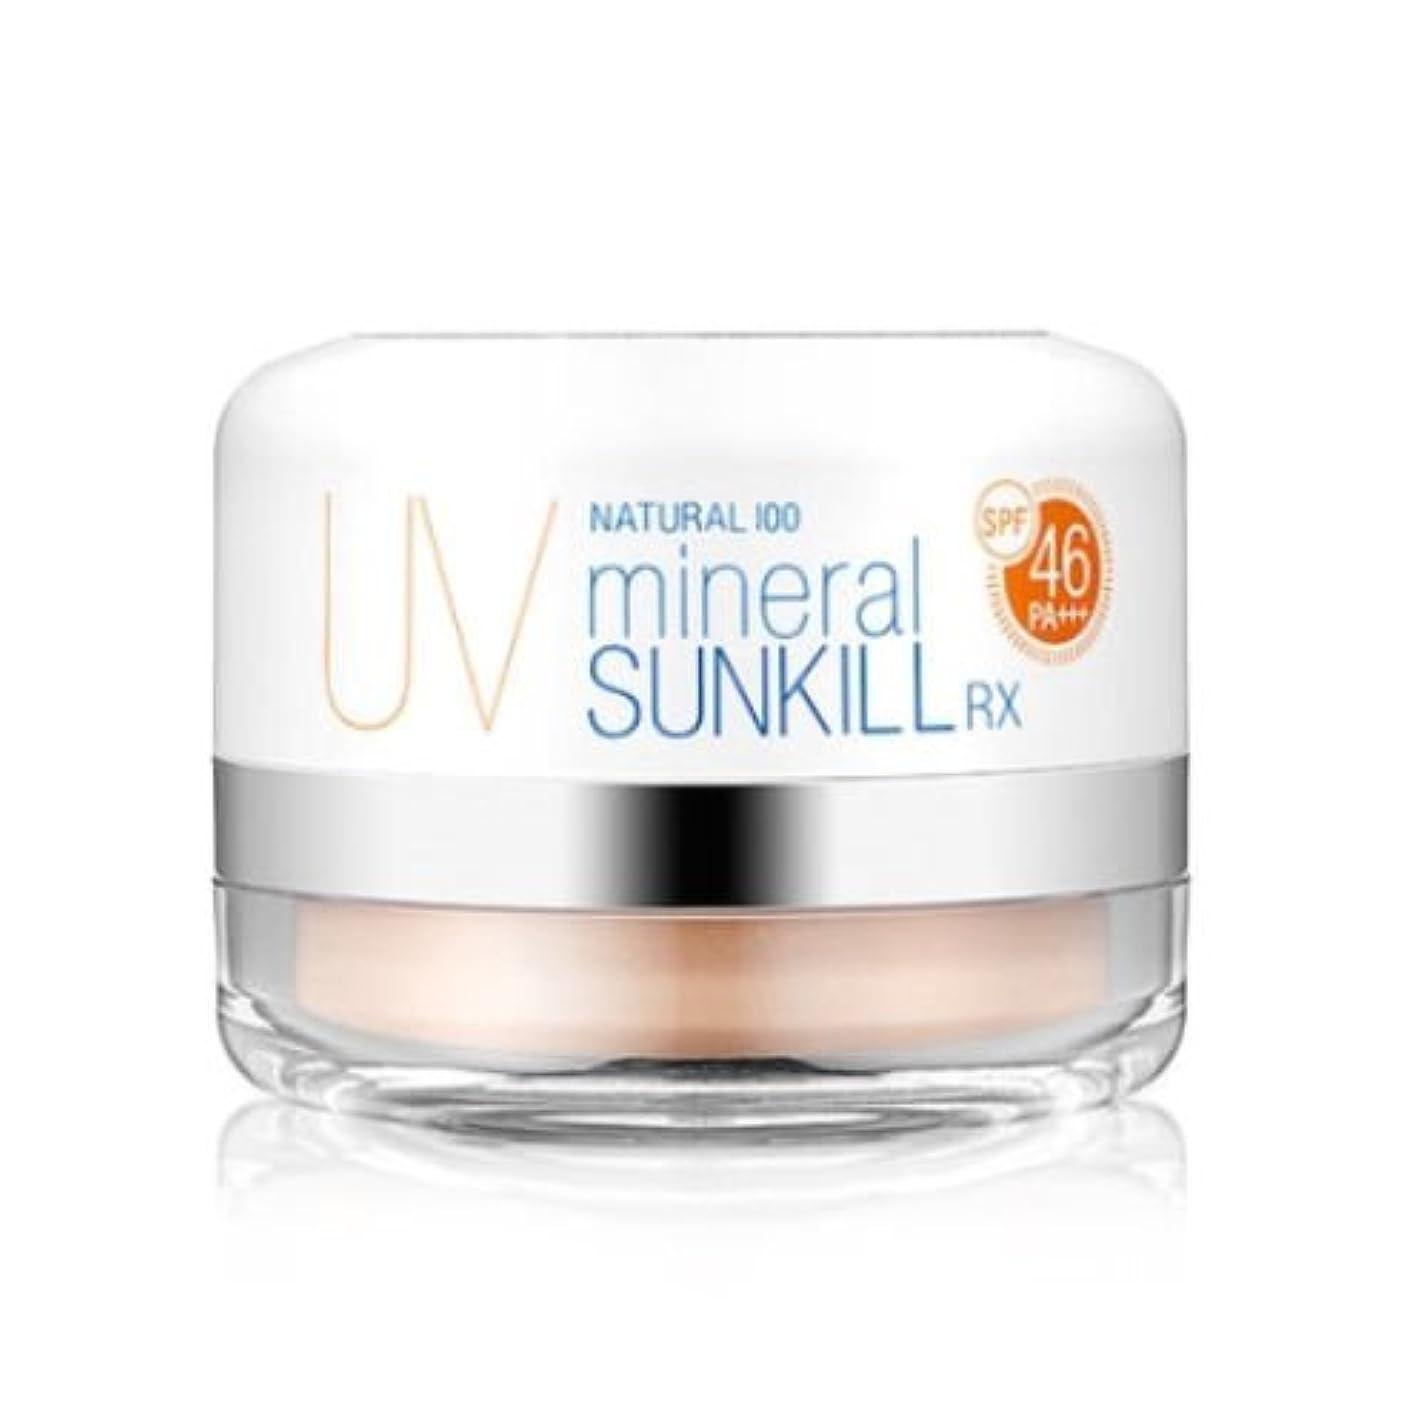 スリーブ未亡人遅らせるカトリン[Catrin]Natural 100% Mineral Powder Sunkill RX Natural 100 Mineral Sunkill RX UV Powder ナチュラル100ミネラルソンキルRX...